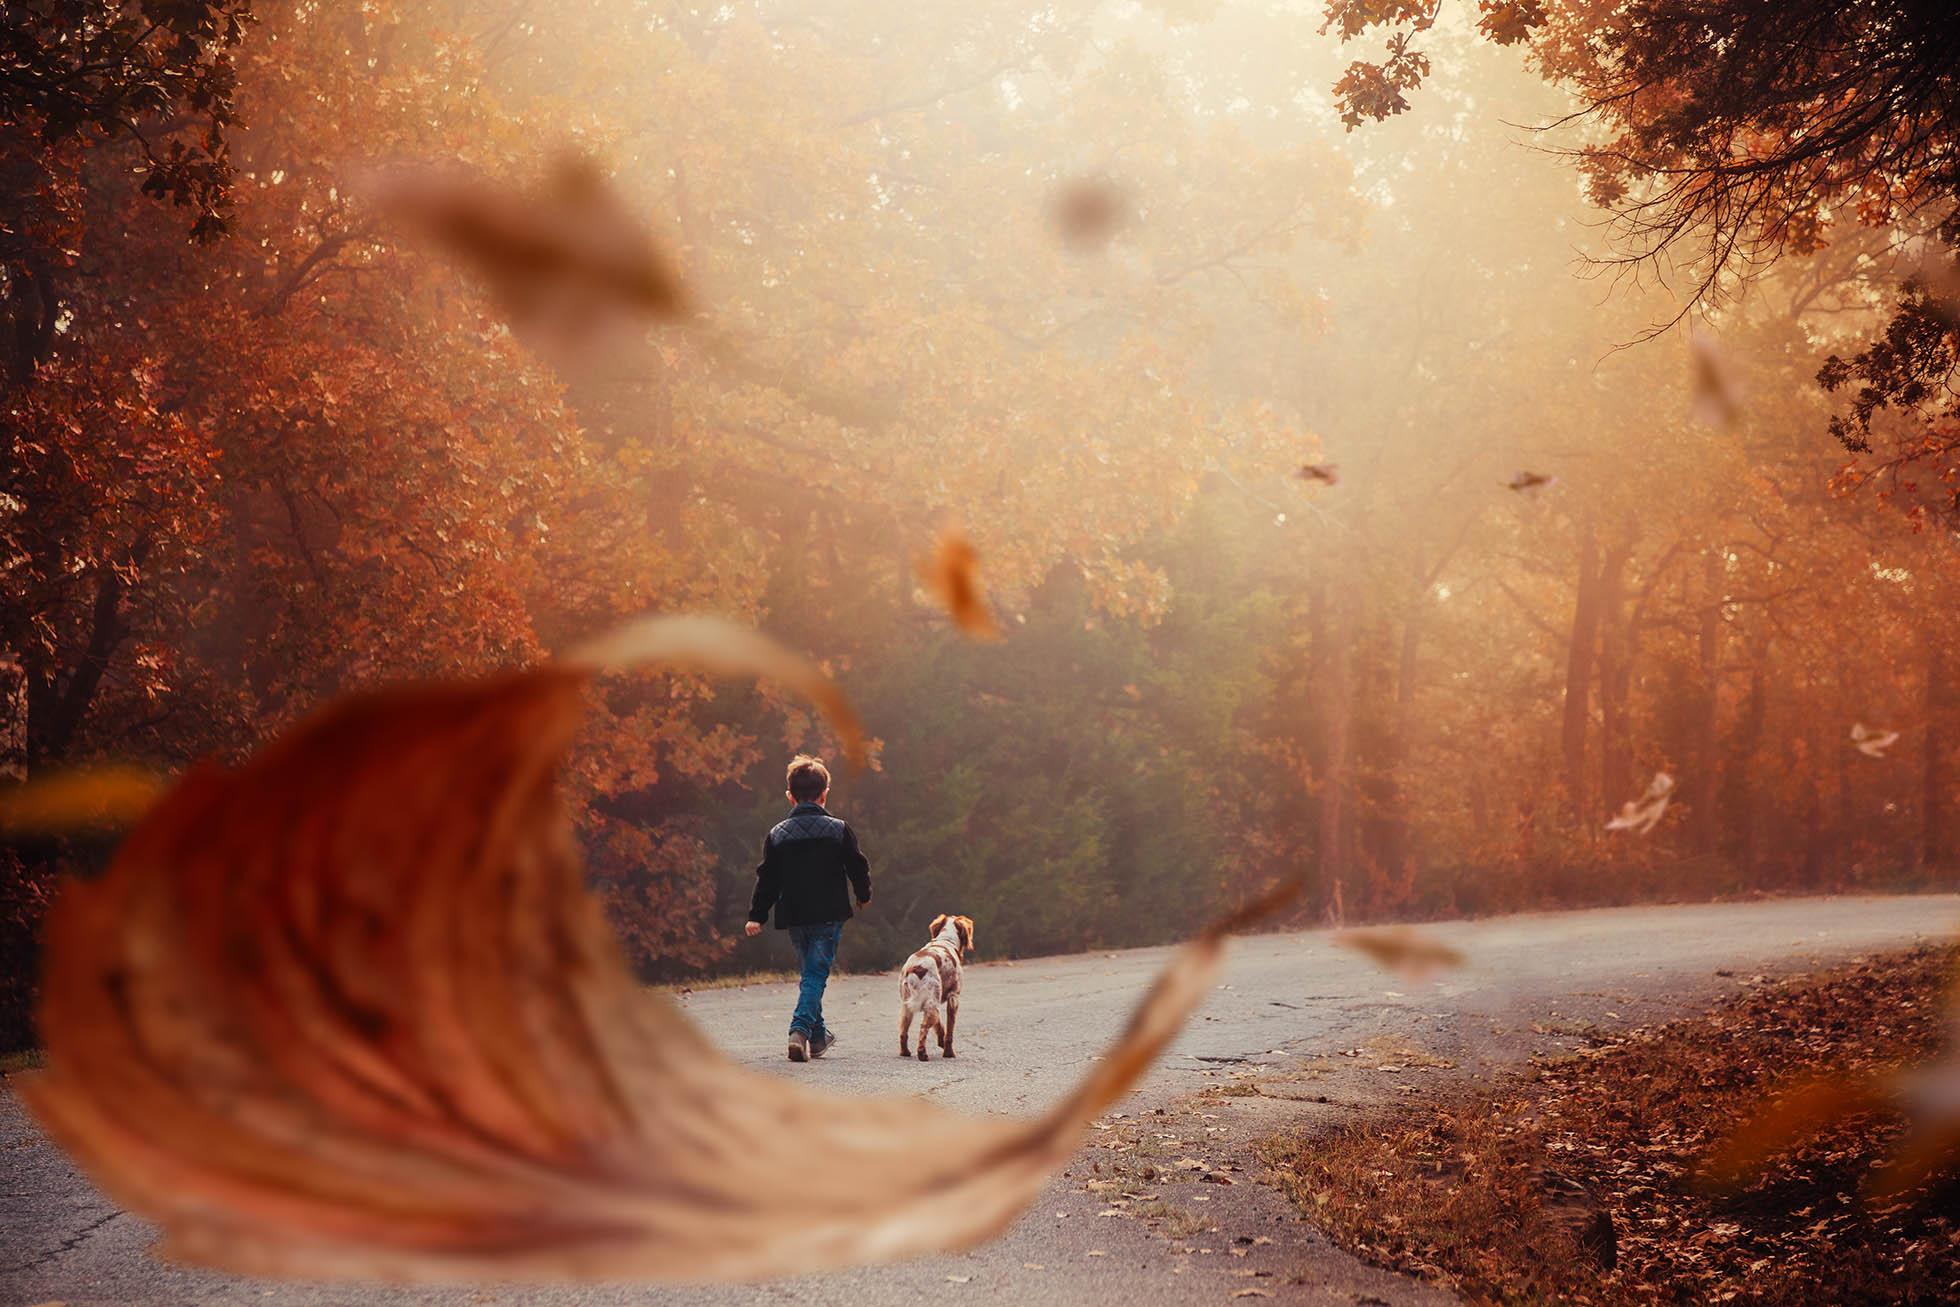 Boy walking with dog framed by leaf